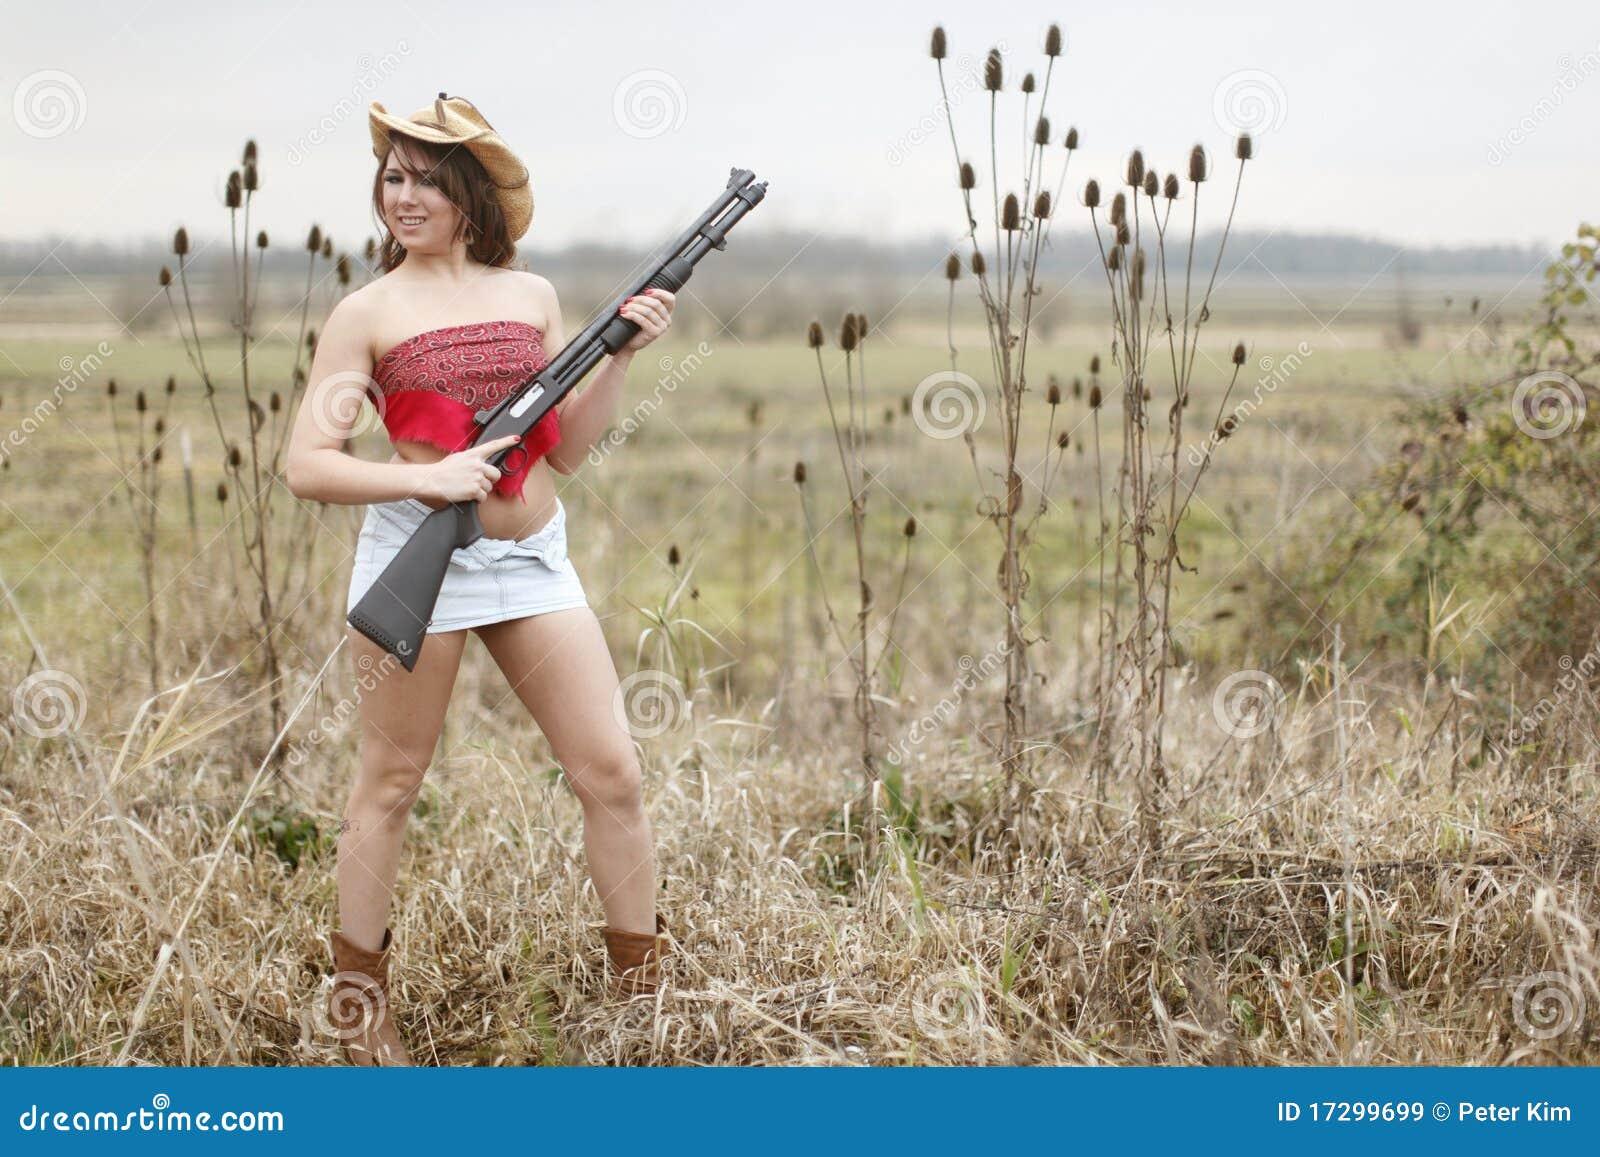 Fille Baise Un Fusil De Chasse - frbiguznet